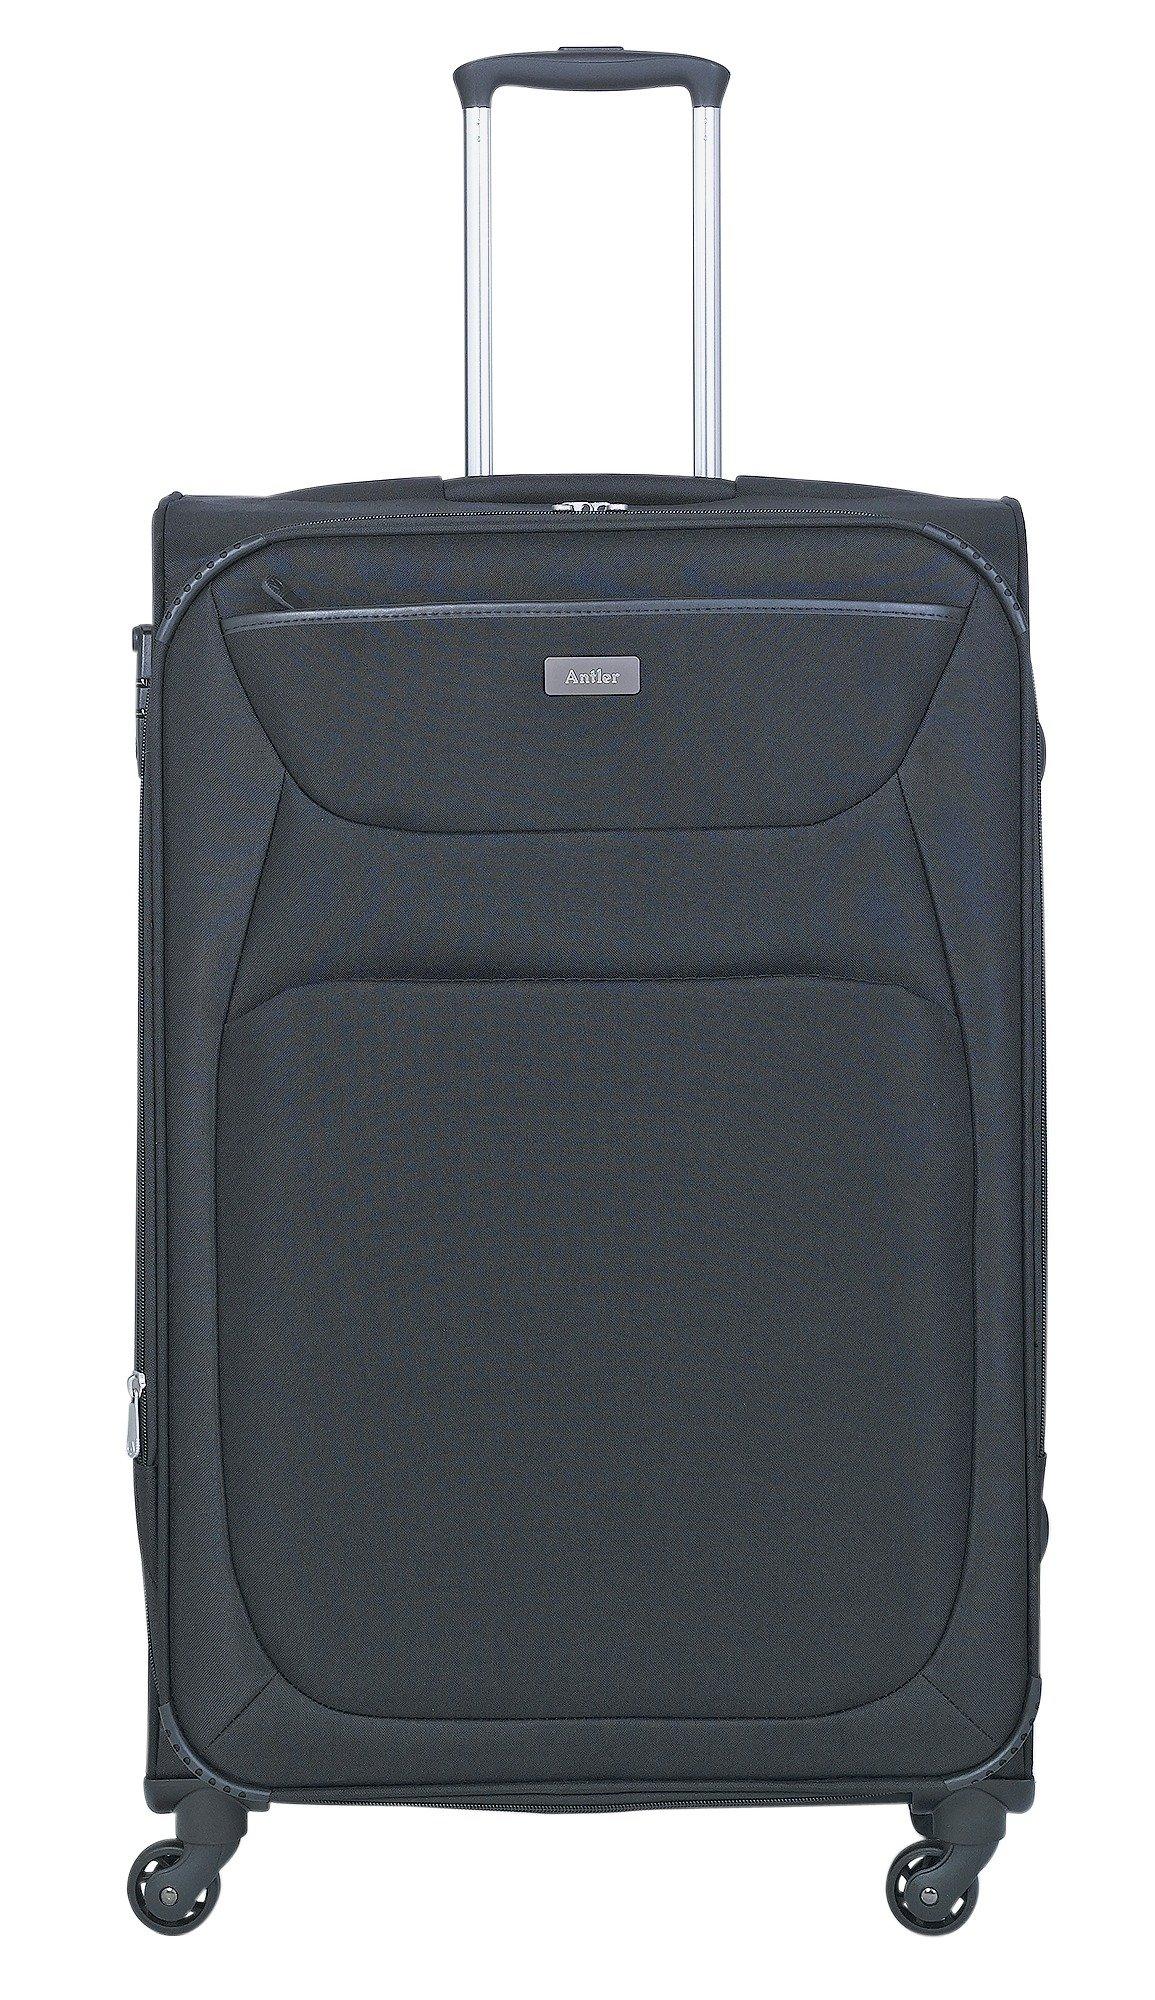 Buy Antler Savanna 4 Wheel Base Large Suitcase - Black at Argos.co ...